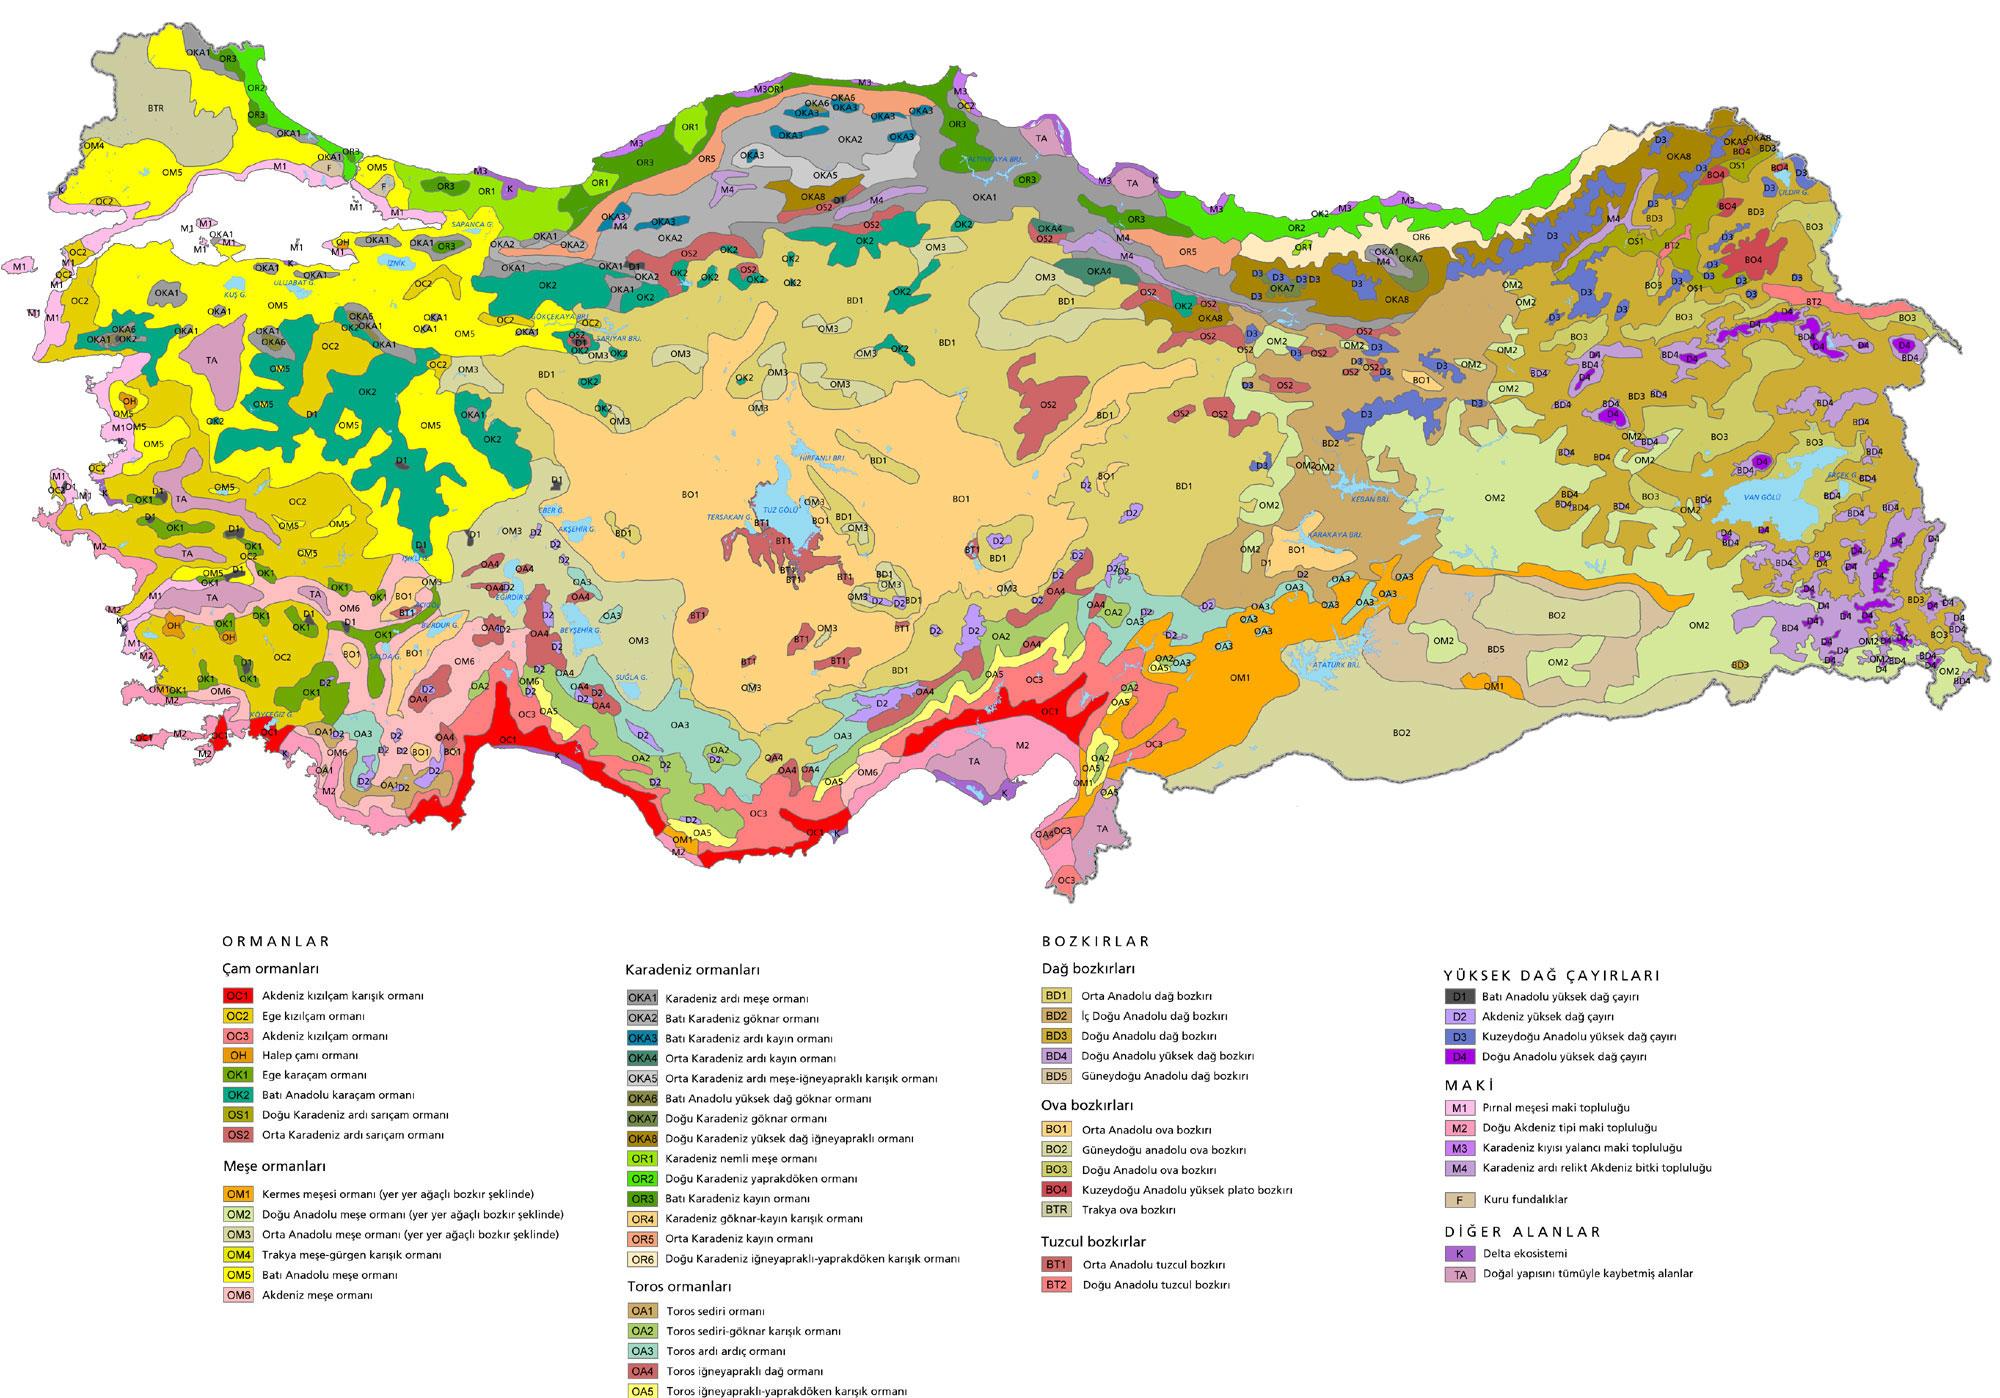 Türkiye Bölgelere Göre Maden Haritası Coğrafya Bilim